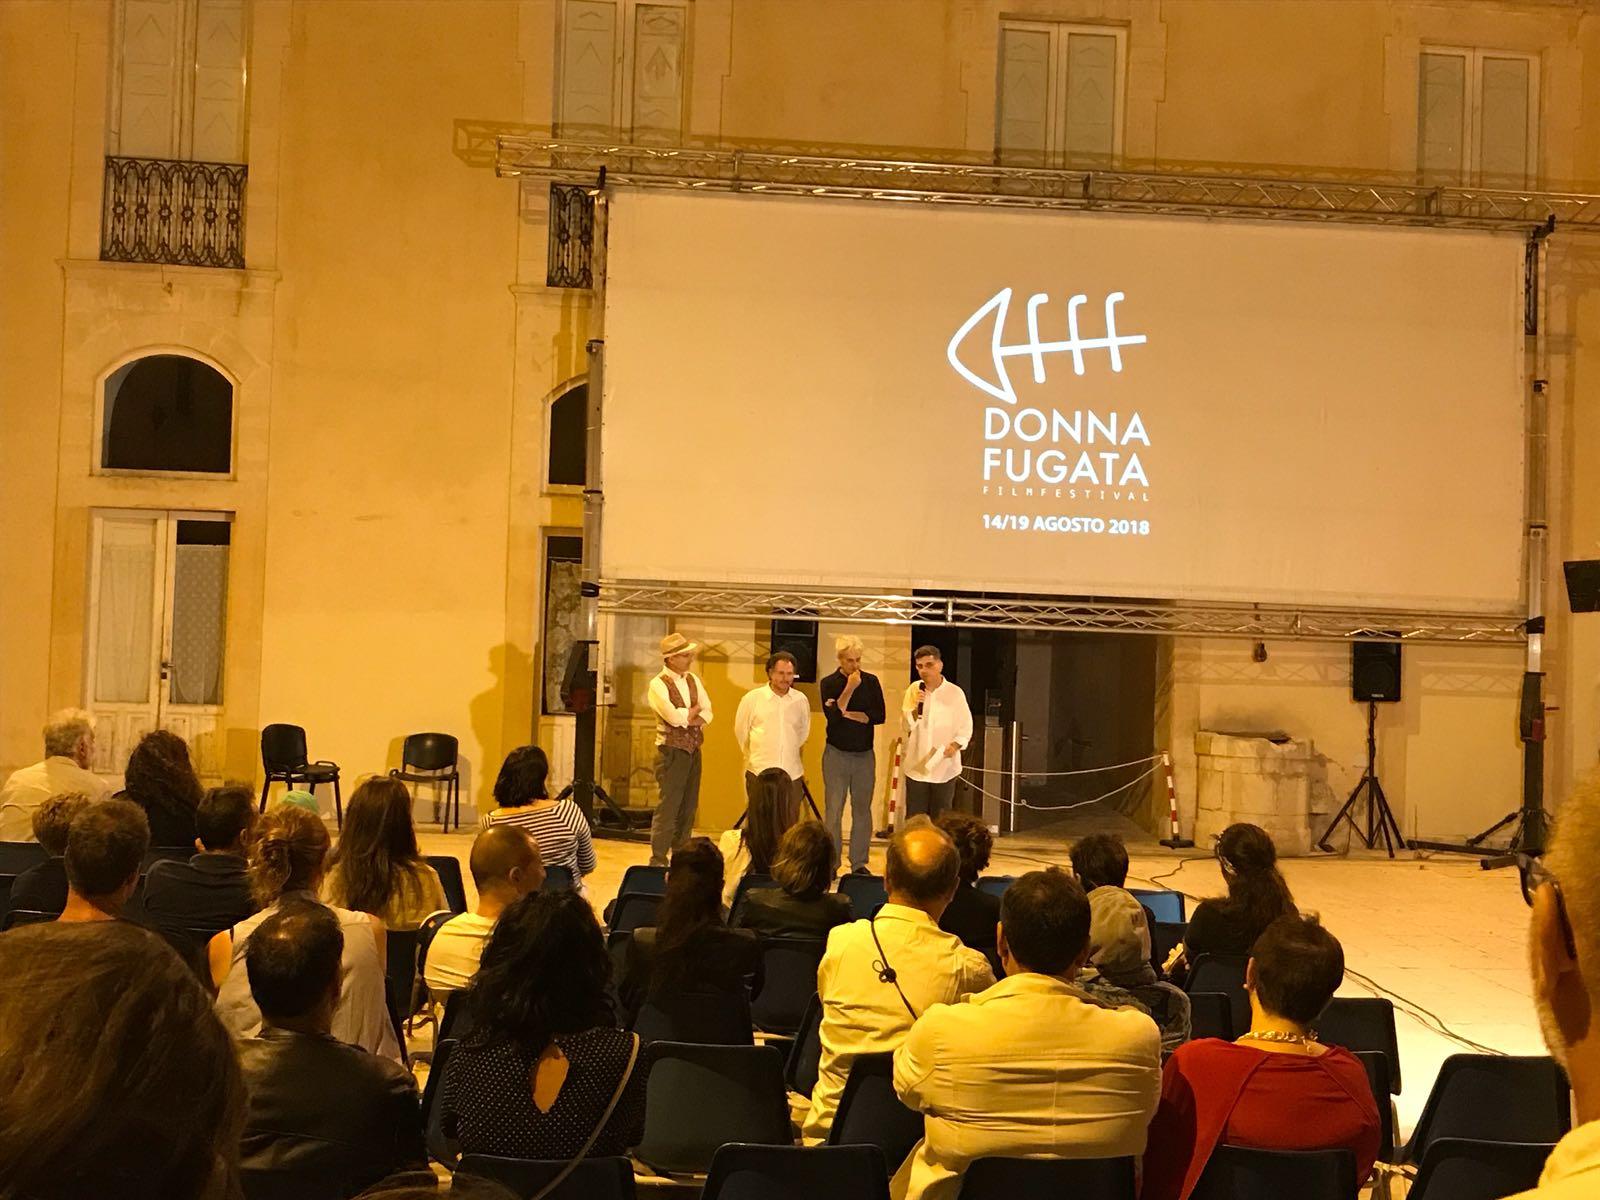 """Riparte dal segno dell'Acquario il """"DonnaFugata Film Festival"""" in programma dal 3 agosto al Castello di Donnafugata"""